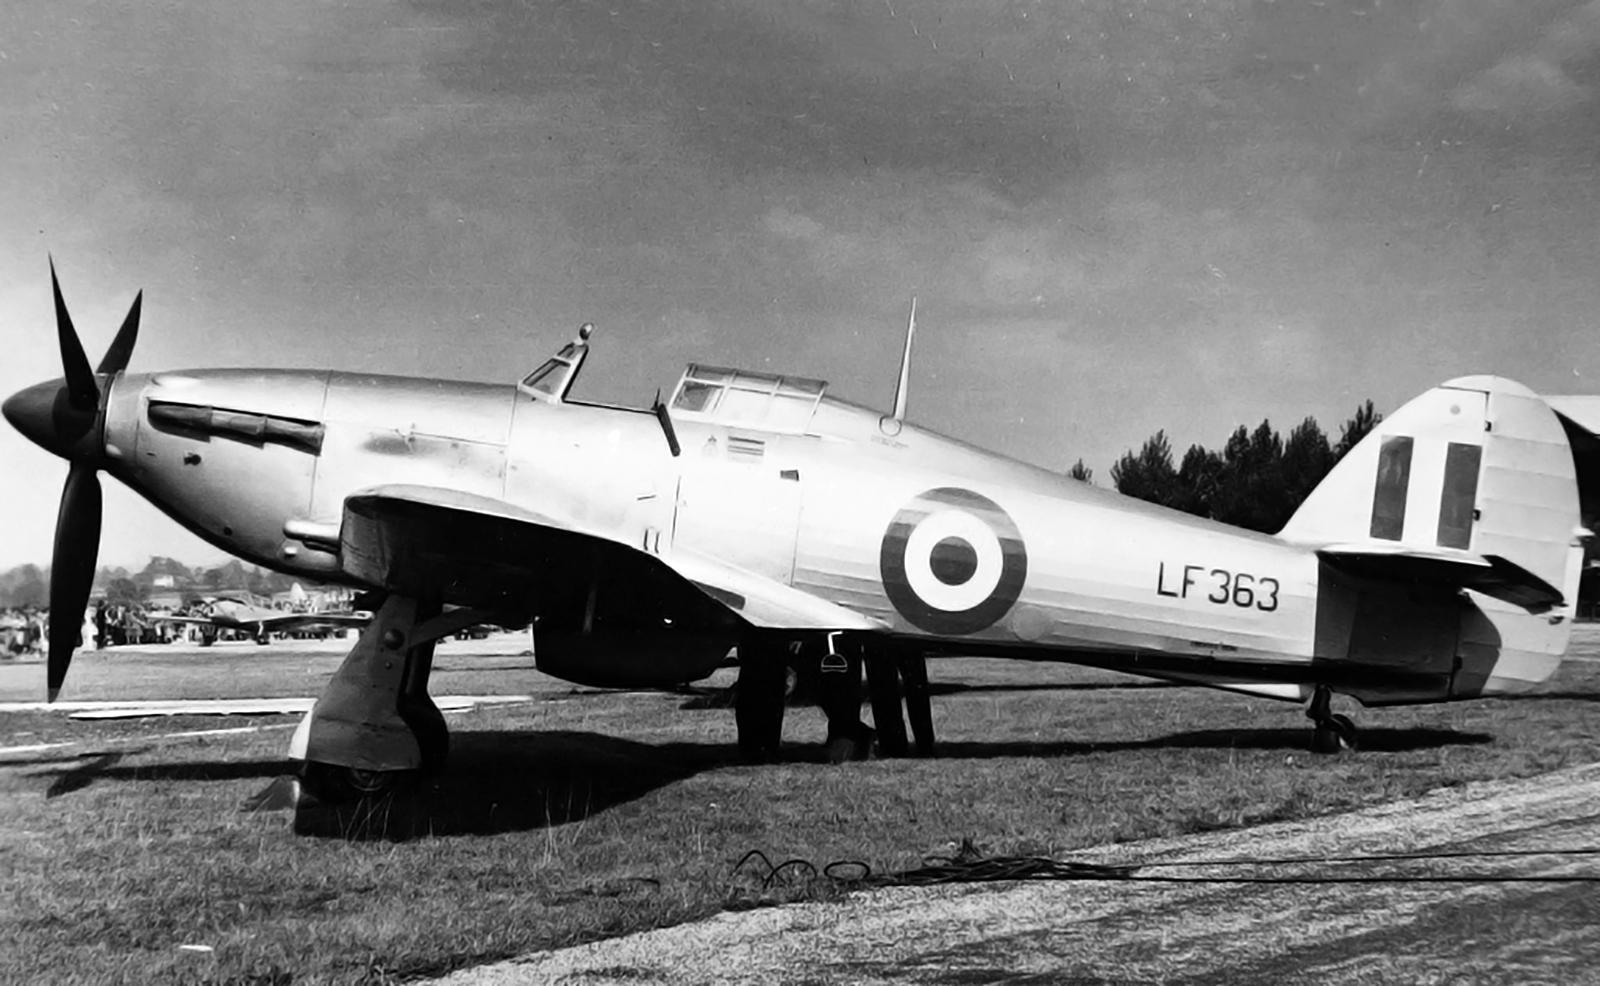 Hawker Hurricane II LF363 01